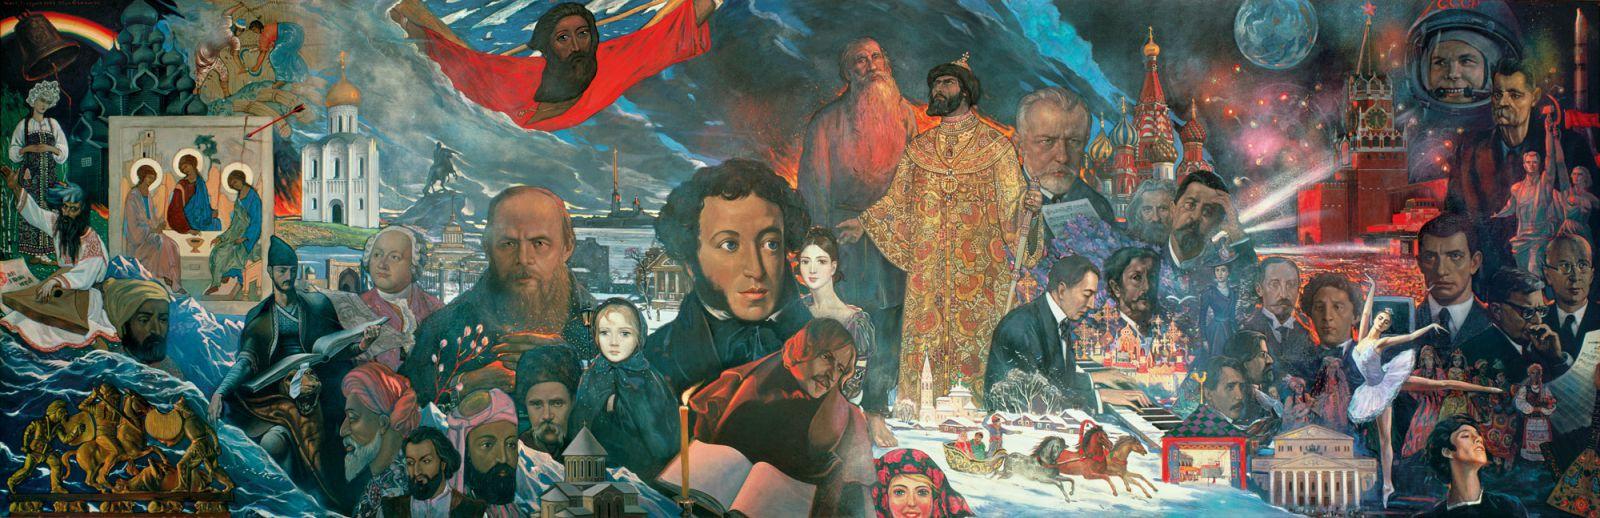 Этнос-цивилизация. О гражданском и этническом русском национализме